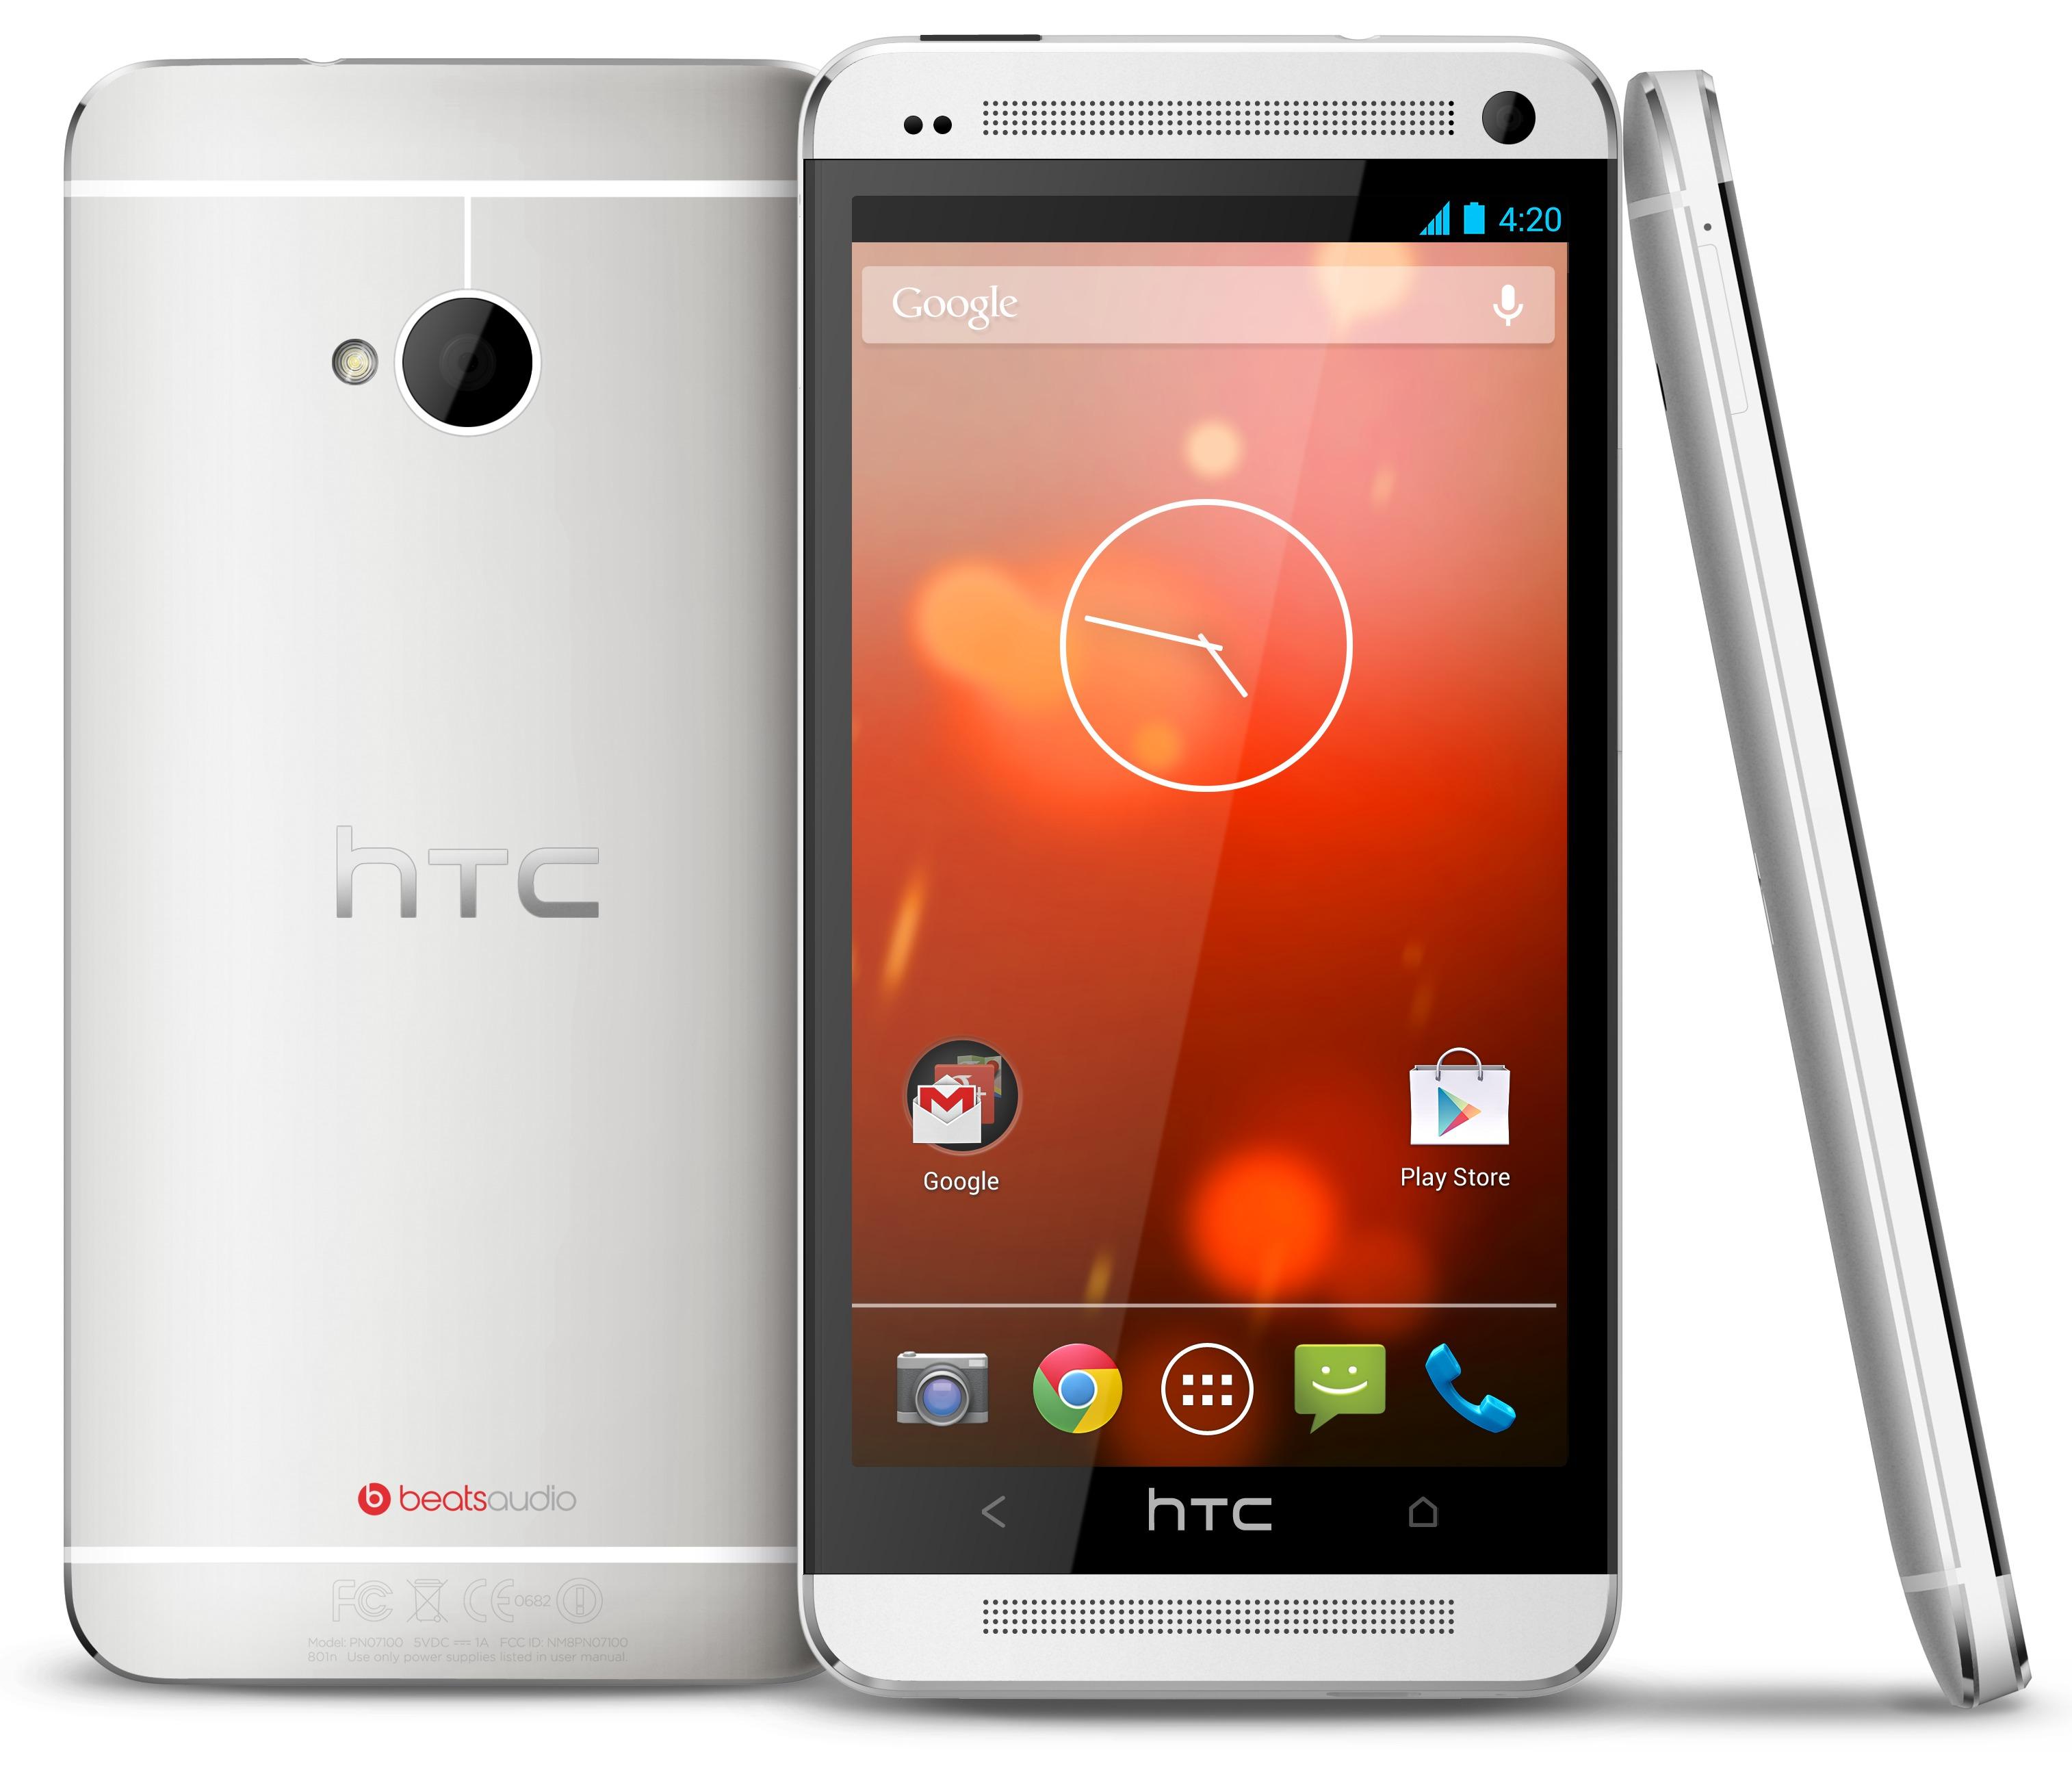 Le HTC One M7 naura pas droit à Android 5.1 - FrAndroid